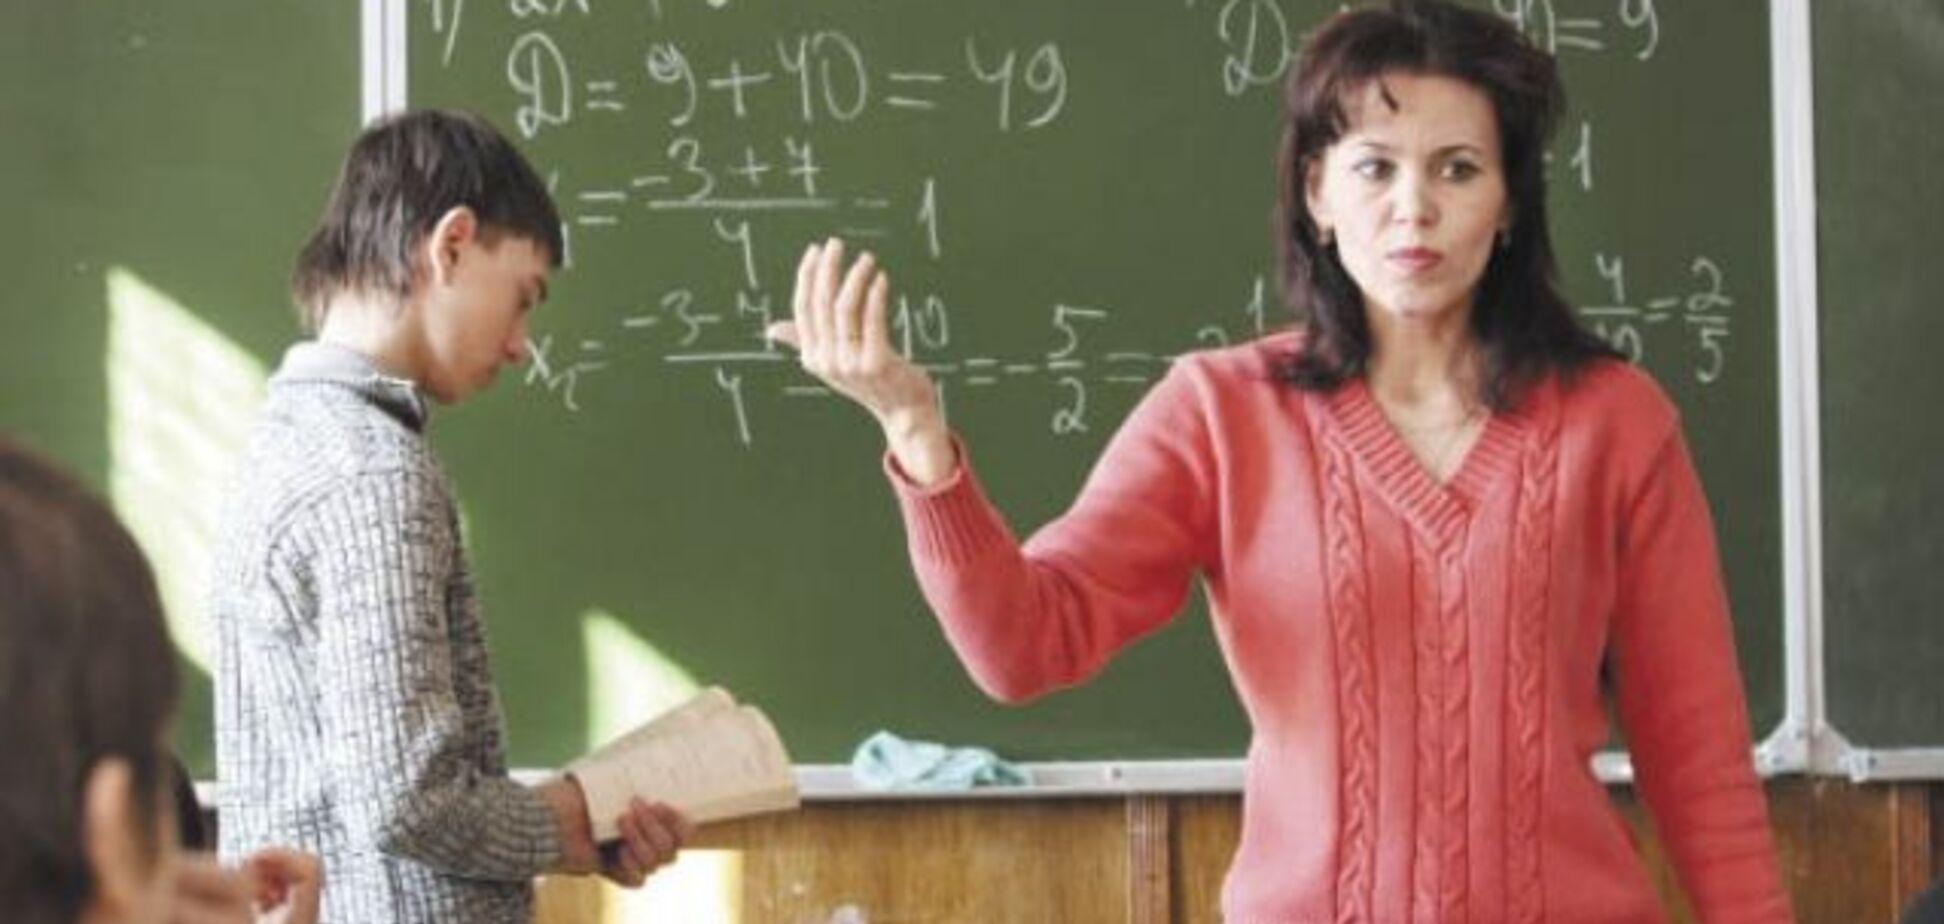 Диагноз – учитель: как выглядит психологический портрет педагога?